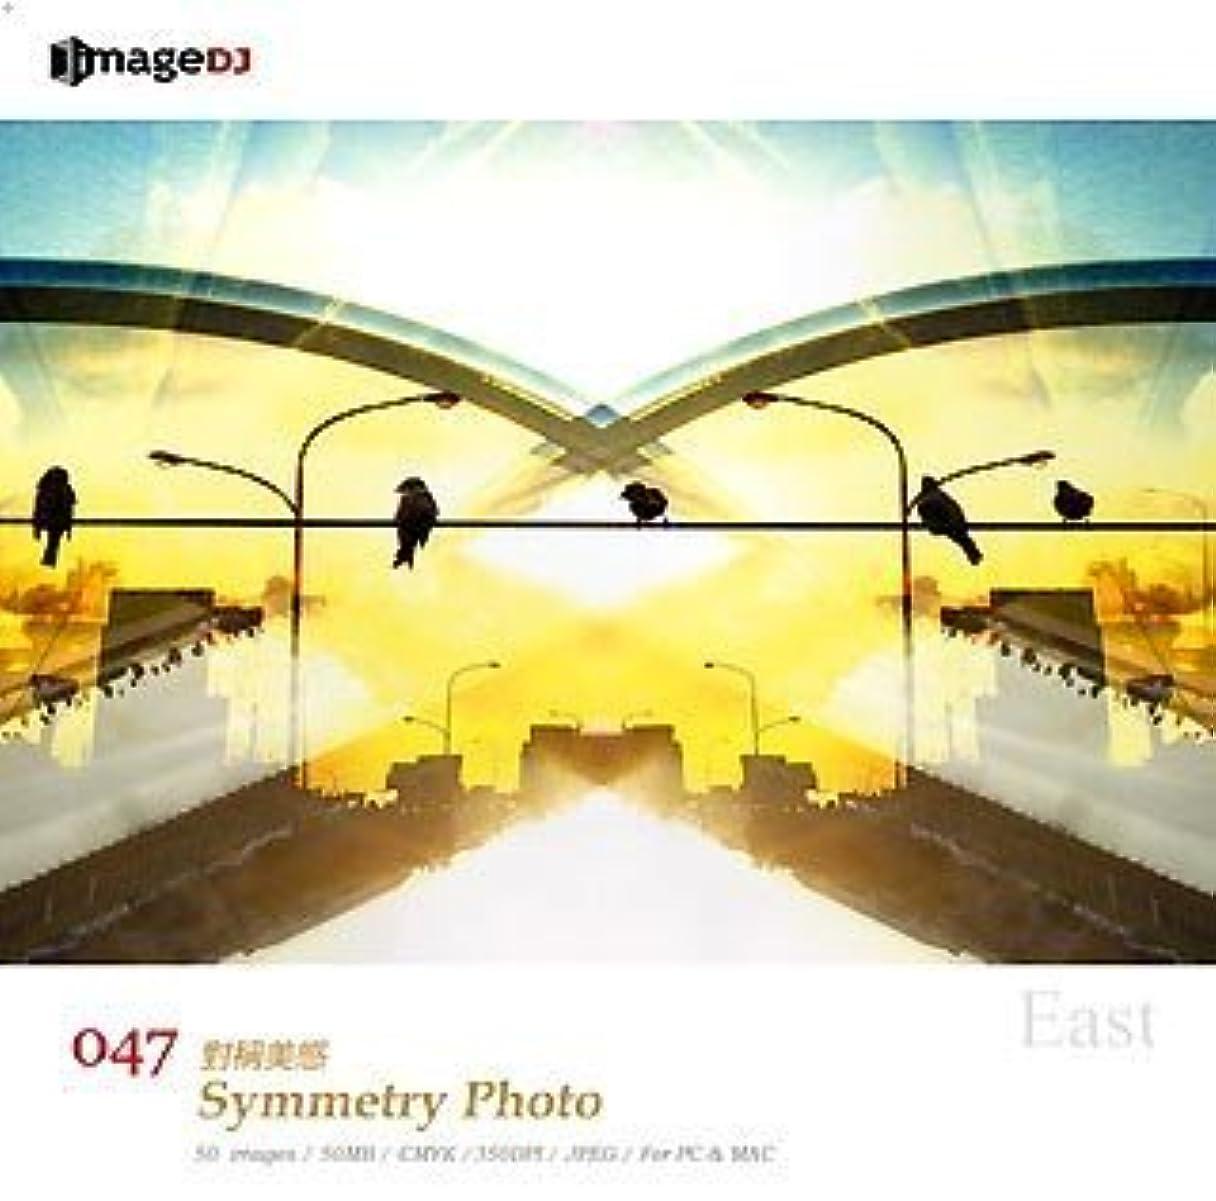 認識私意外EAST vol.47 対称写真 Symmetry Photo